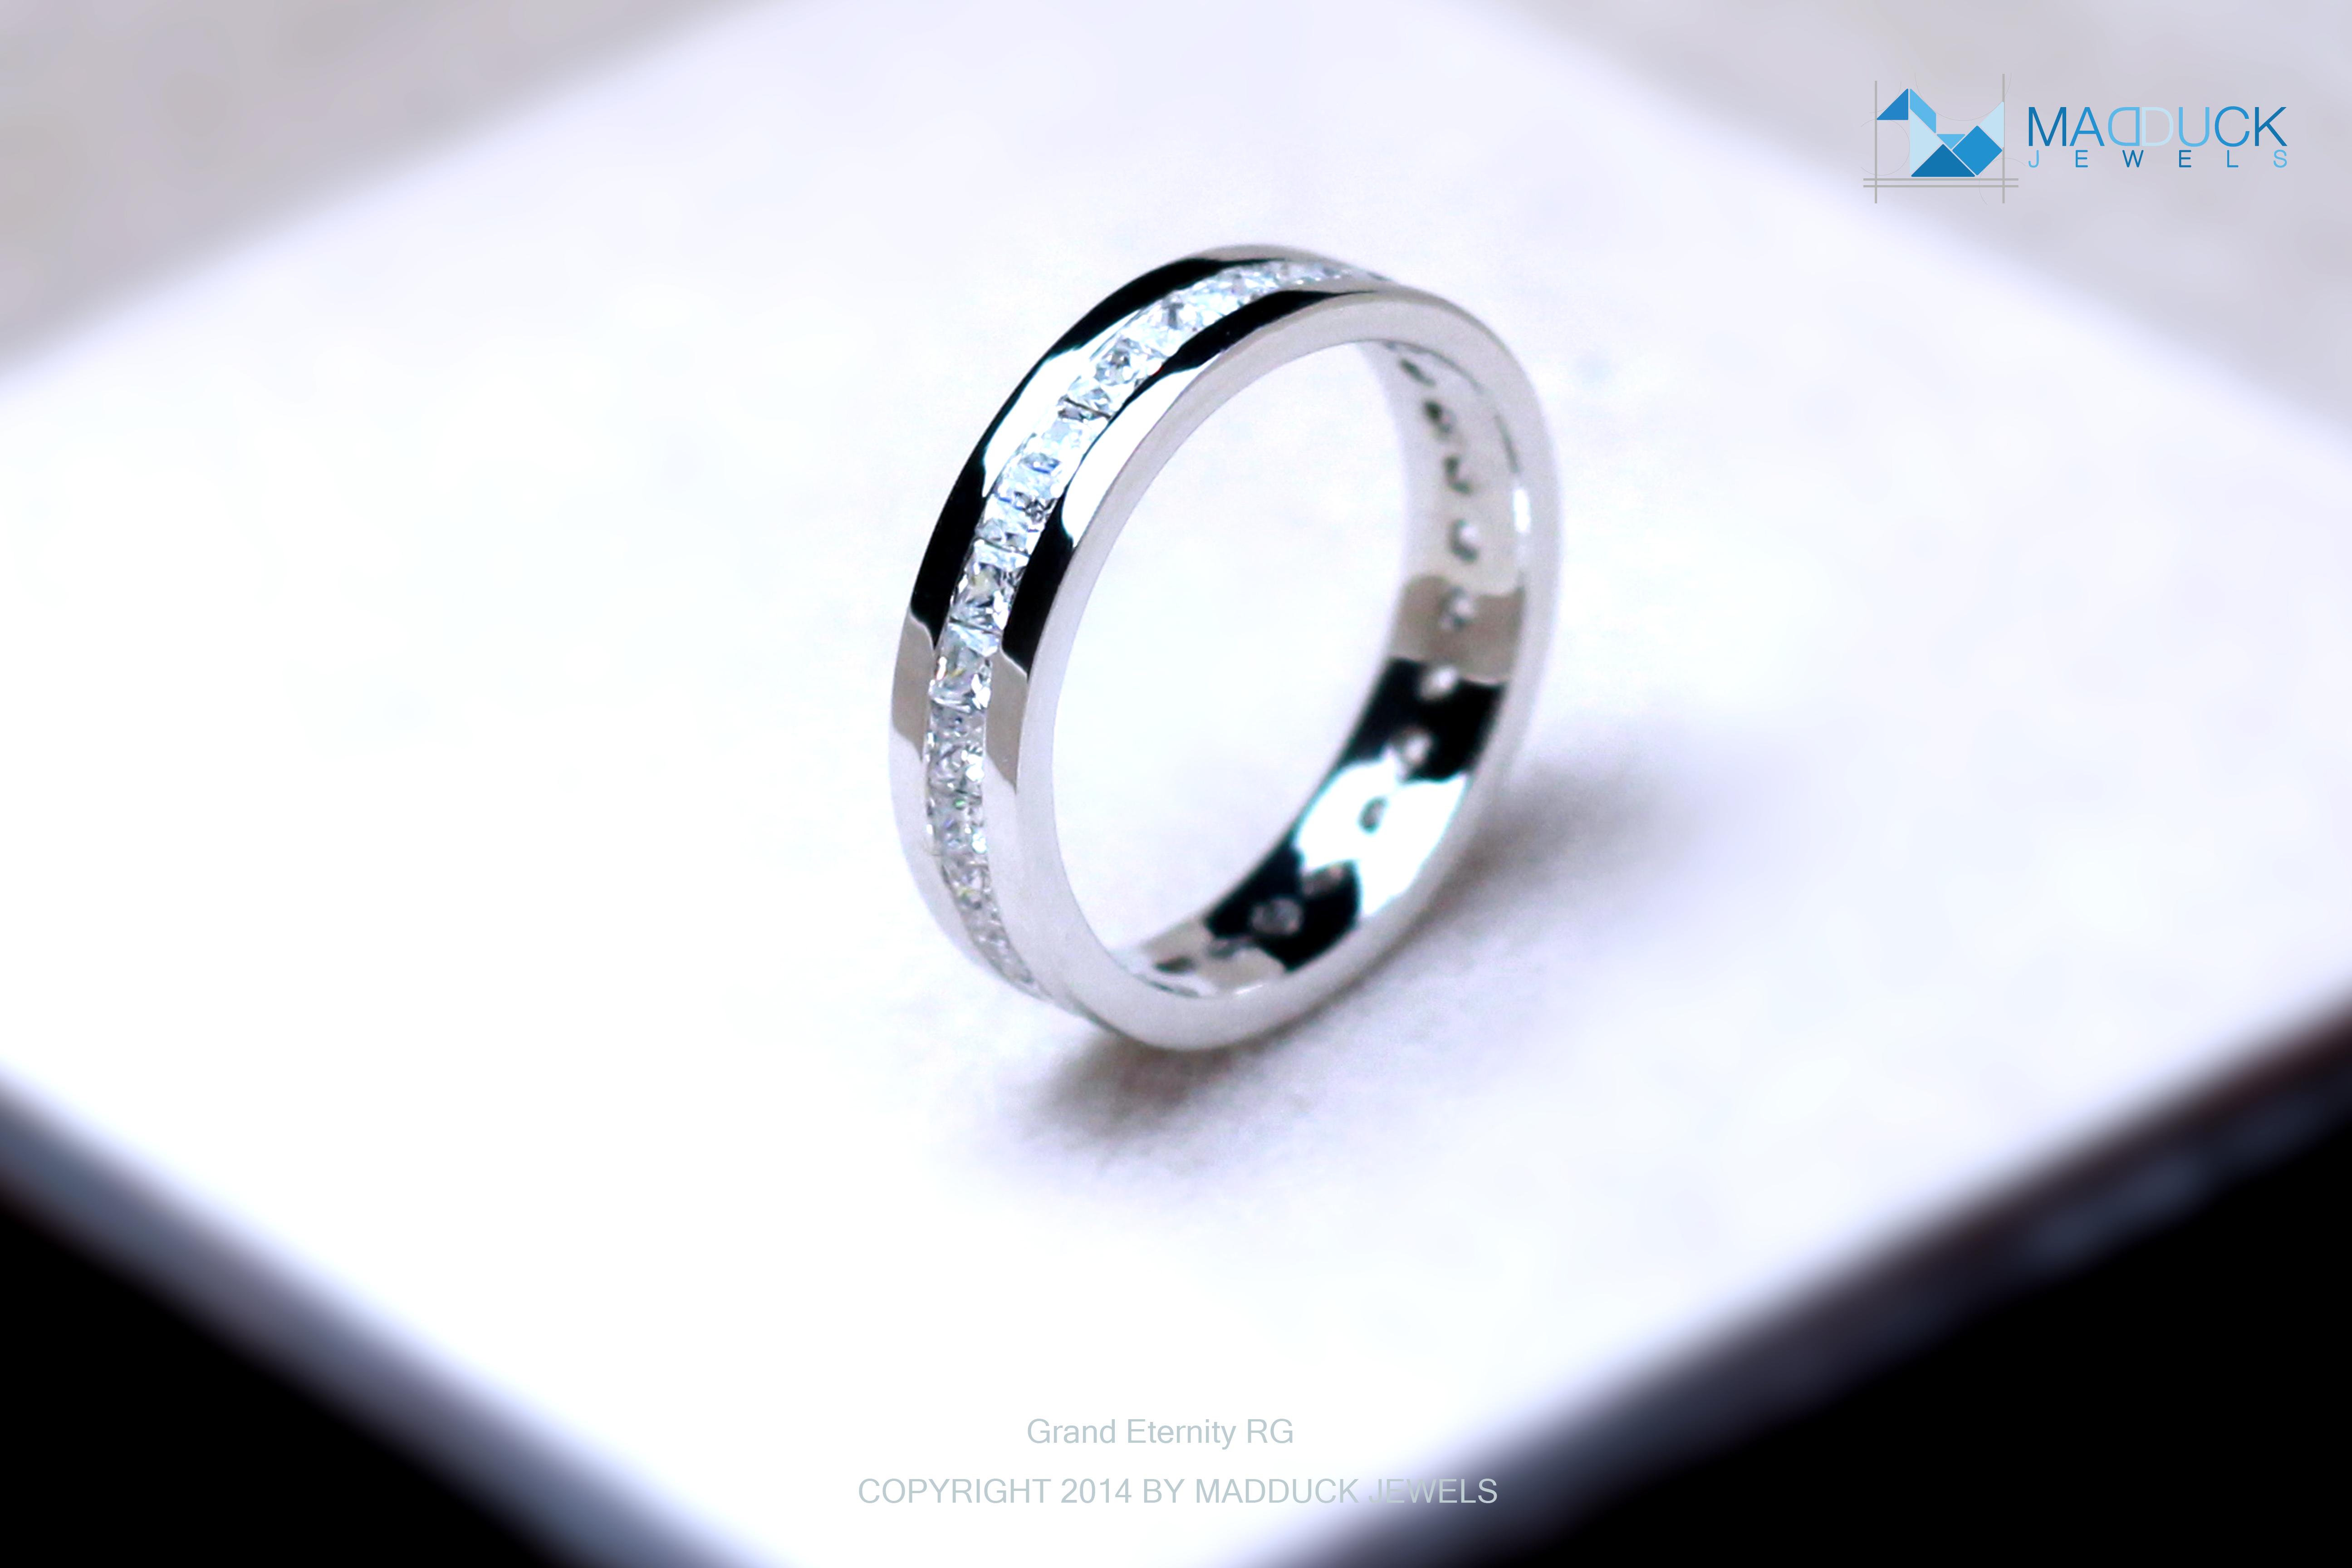 แหวนเงินแท้ เพชรสังเคราะห์ ชุบทองคำขาว รุ่น RG1429 Grand Eternity